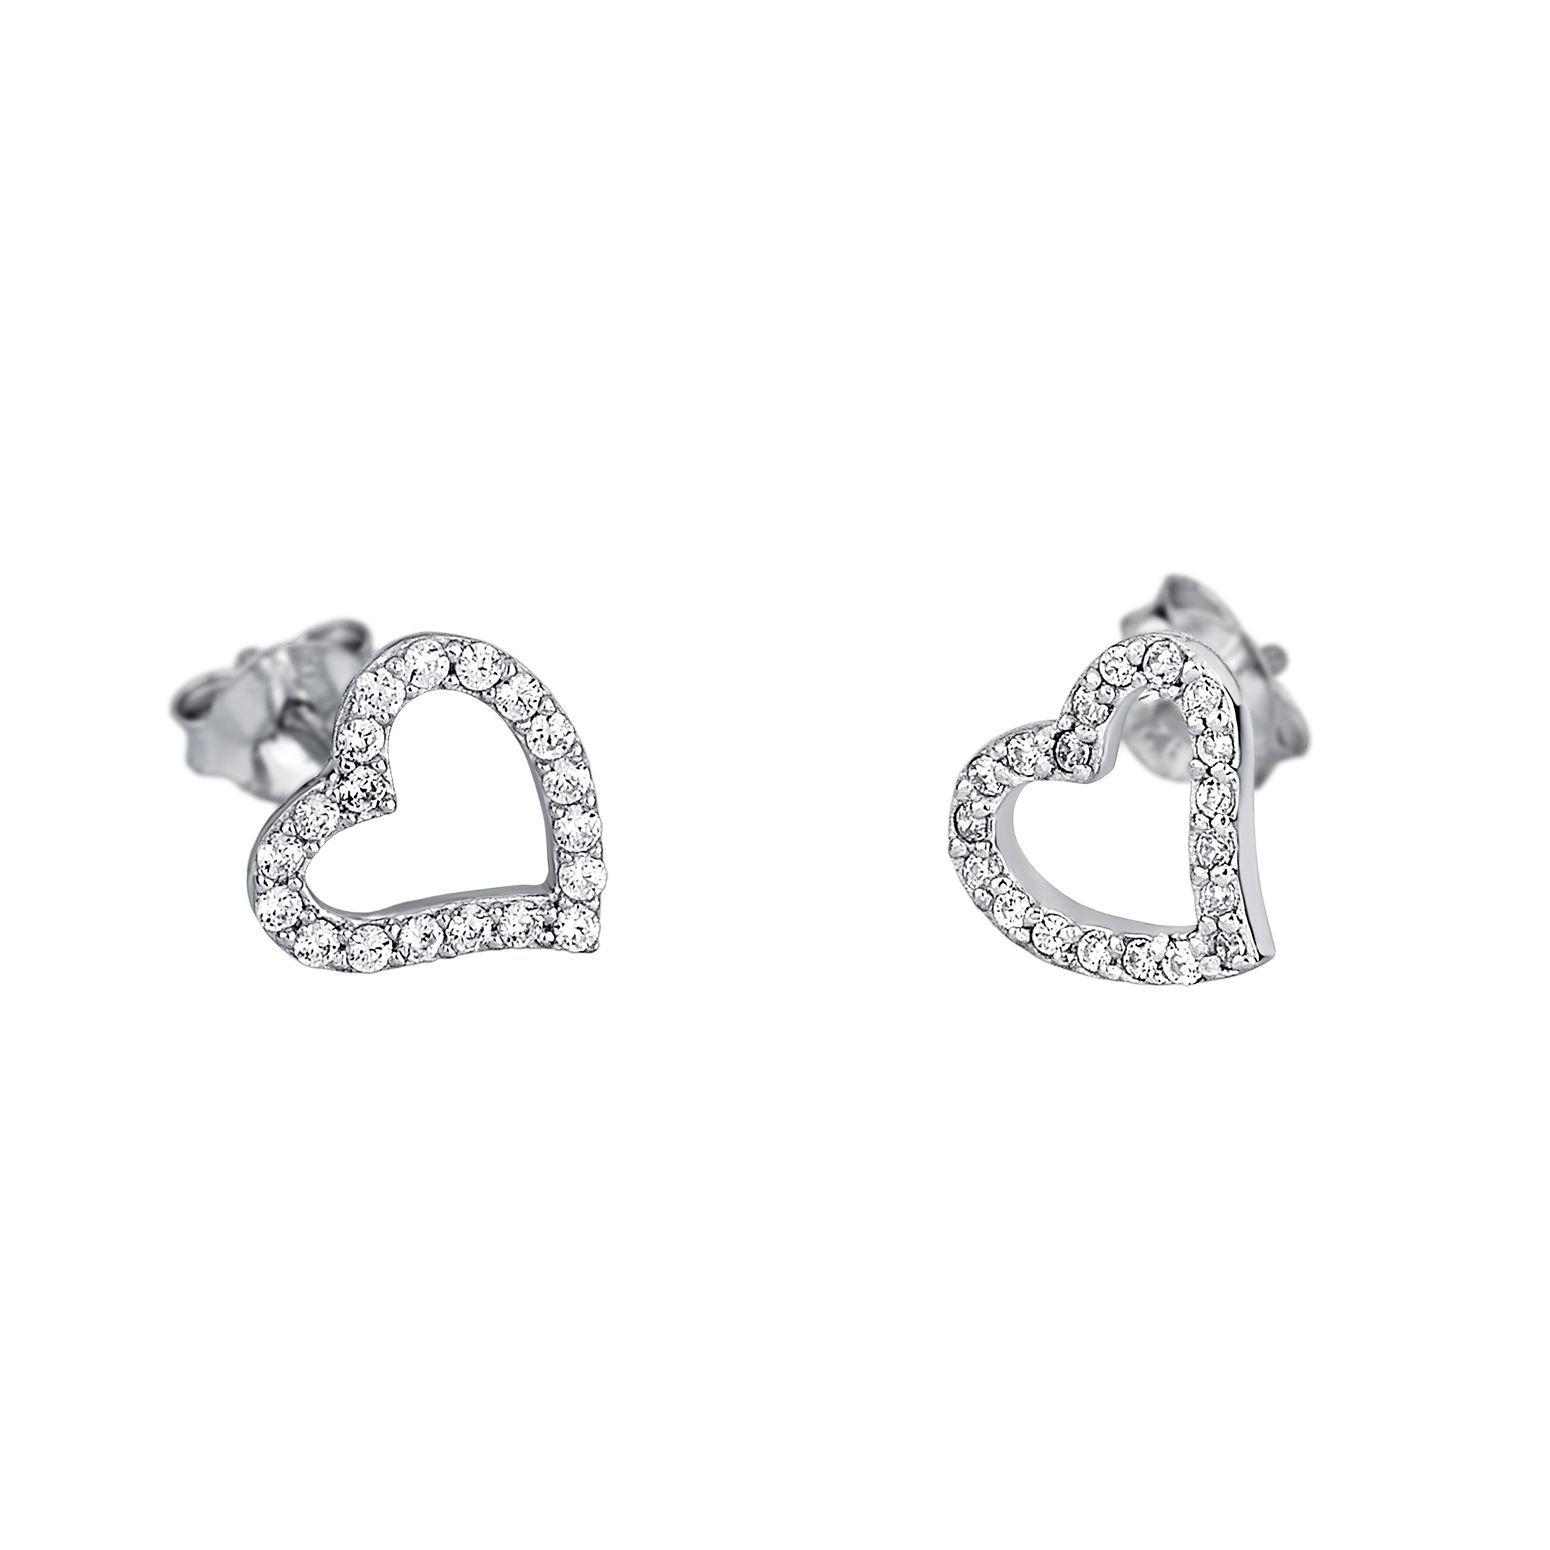 Boucles d'oreilles Lotus Silver Moments coeur en argent et oxydes de zirconium